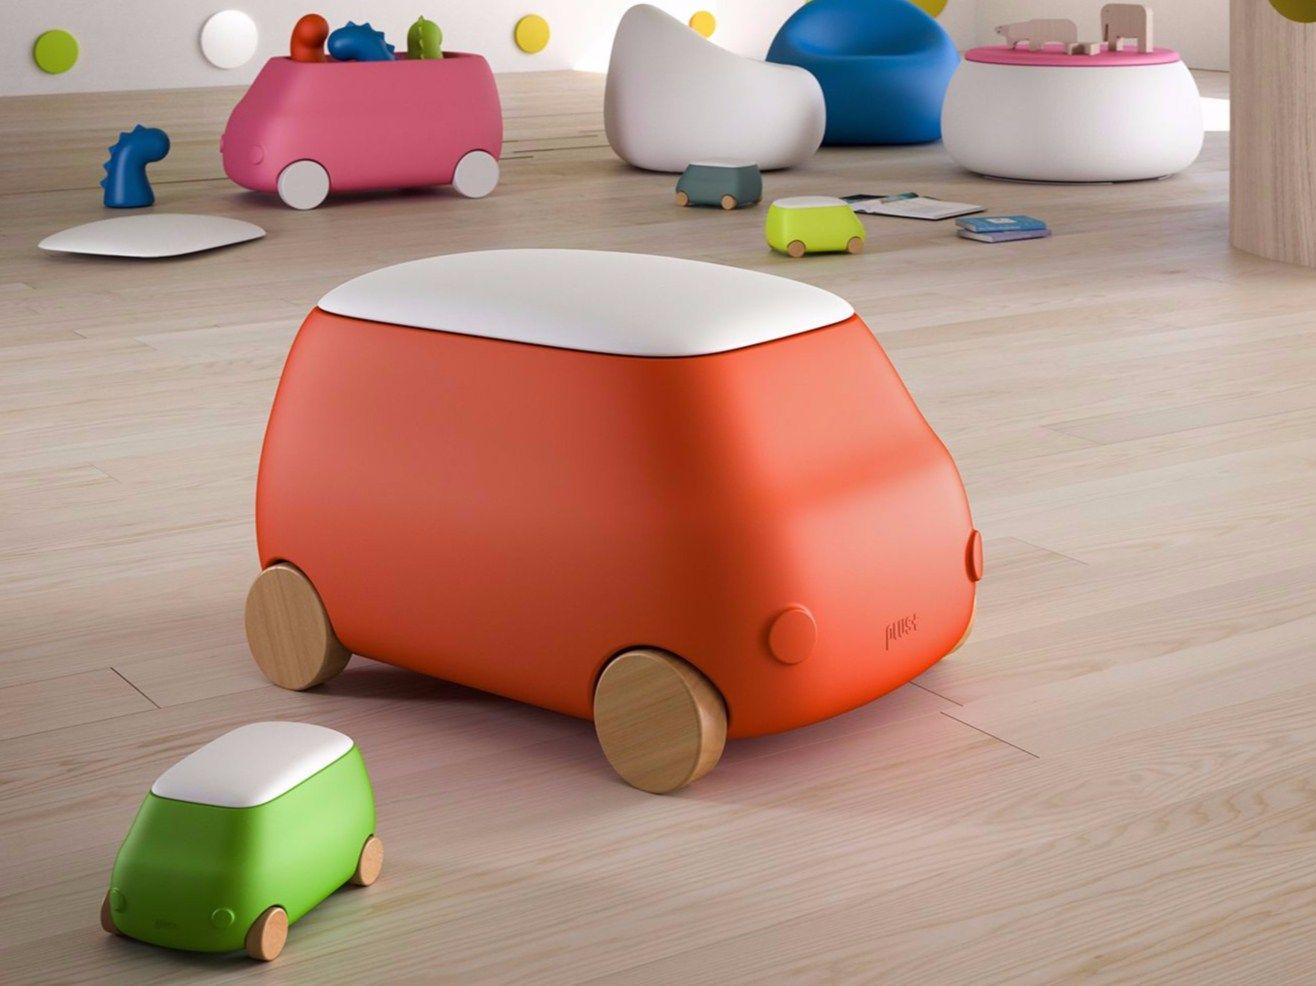 kinder aufbewahrungsbox aus kunststoff mit rollen plust. Black Bedroom Furniture Sets. Home Design Ideas